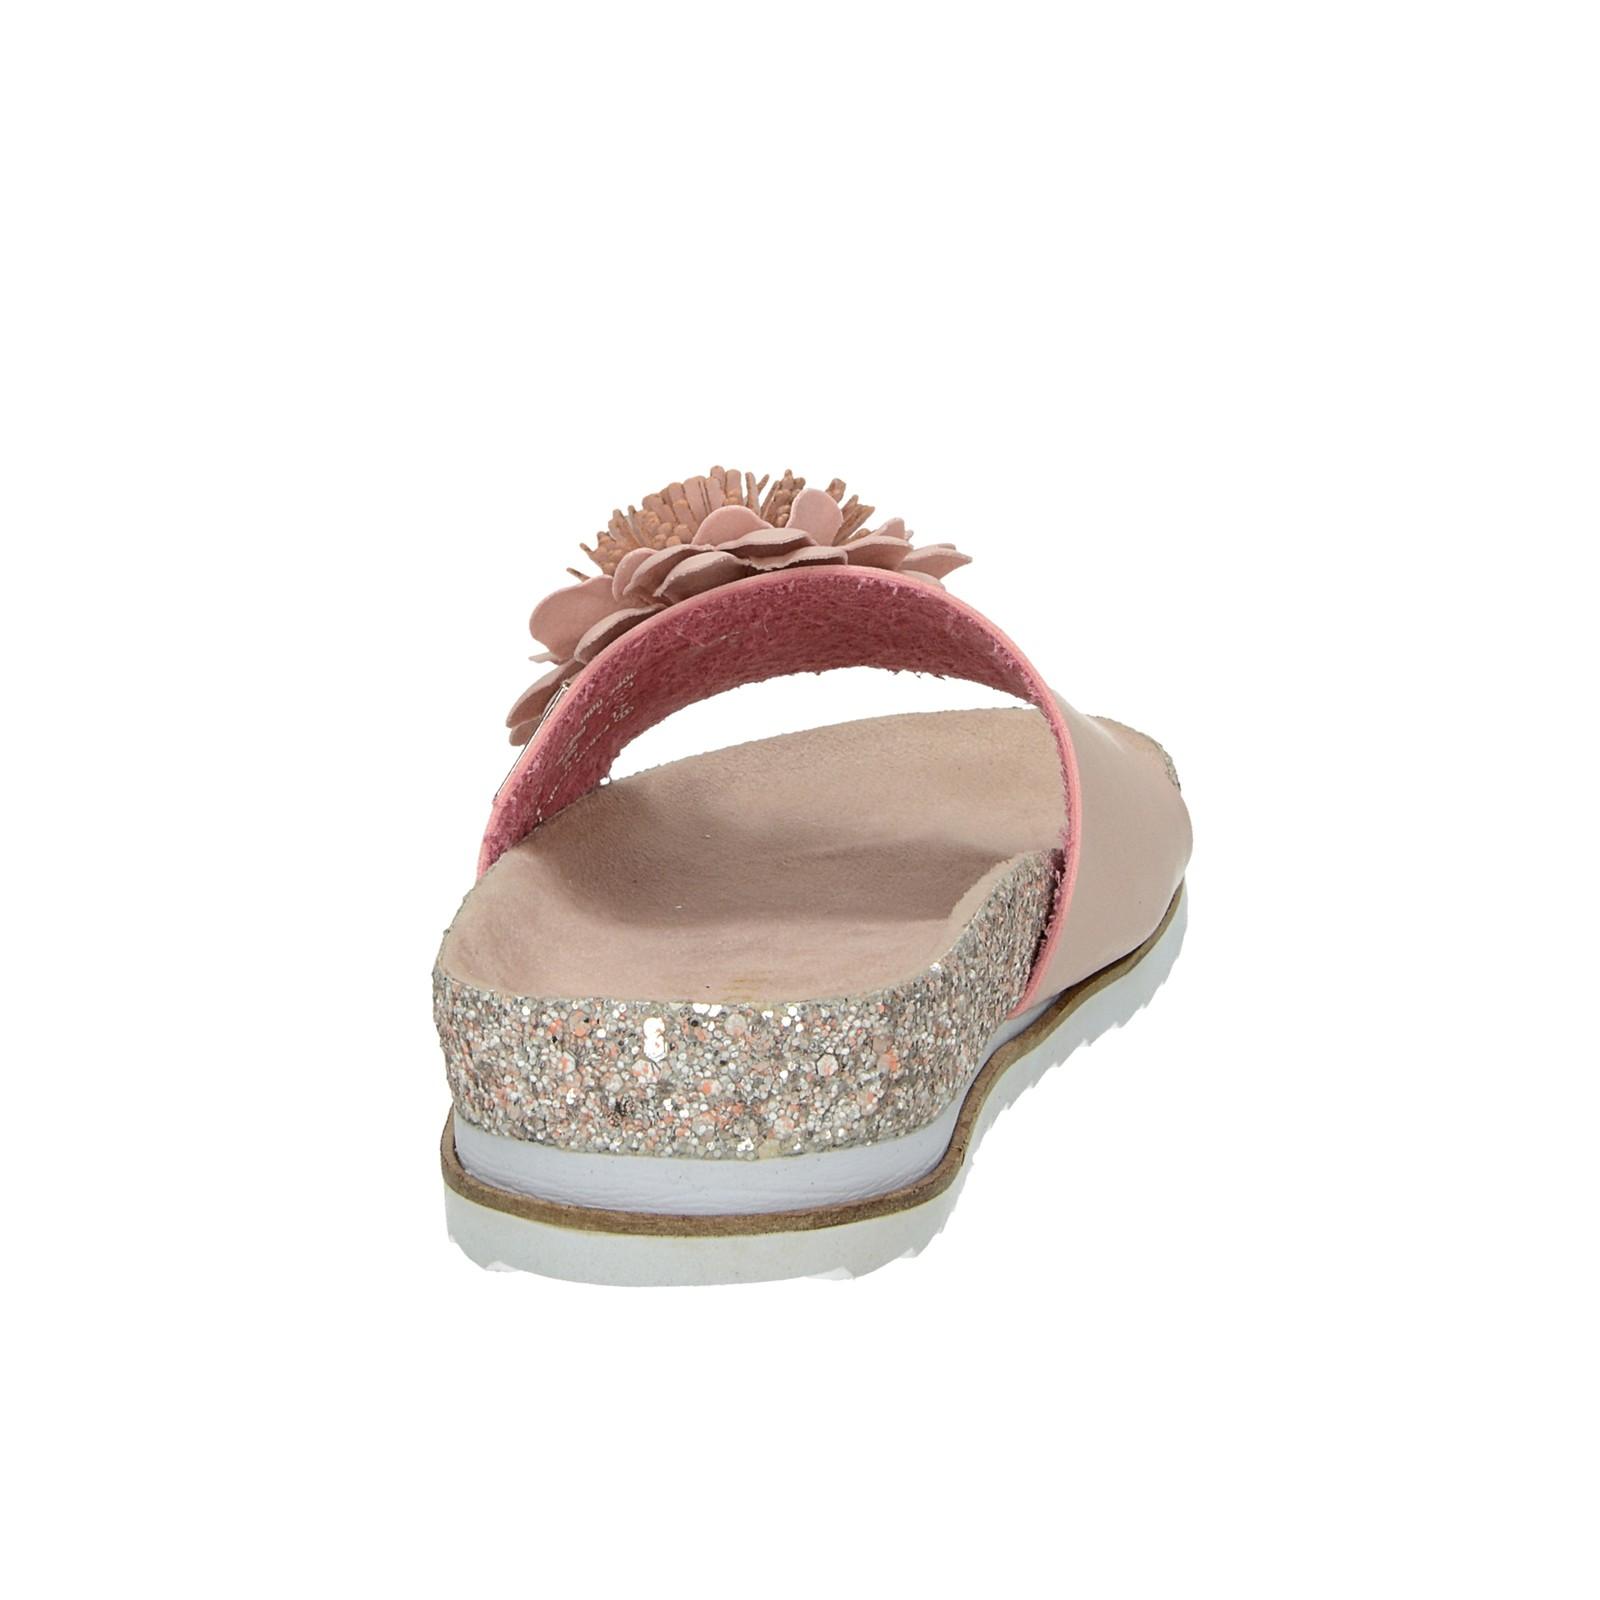 Bugatti dámske štýlové šľapky s trblietkami - ružové